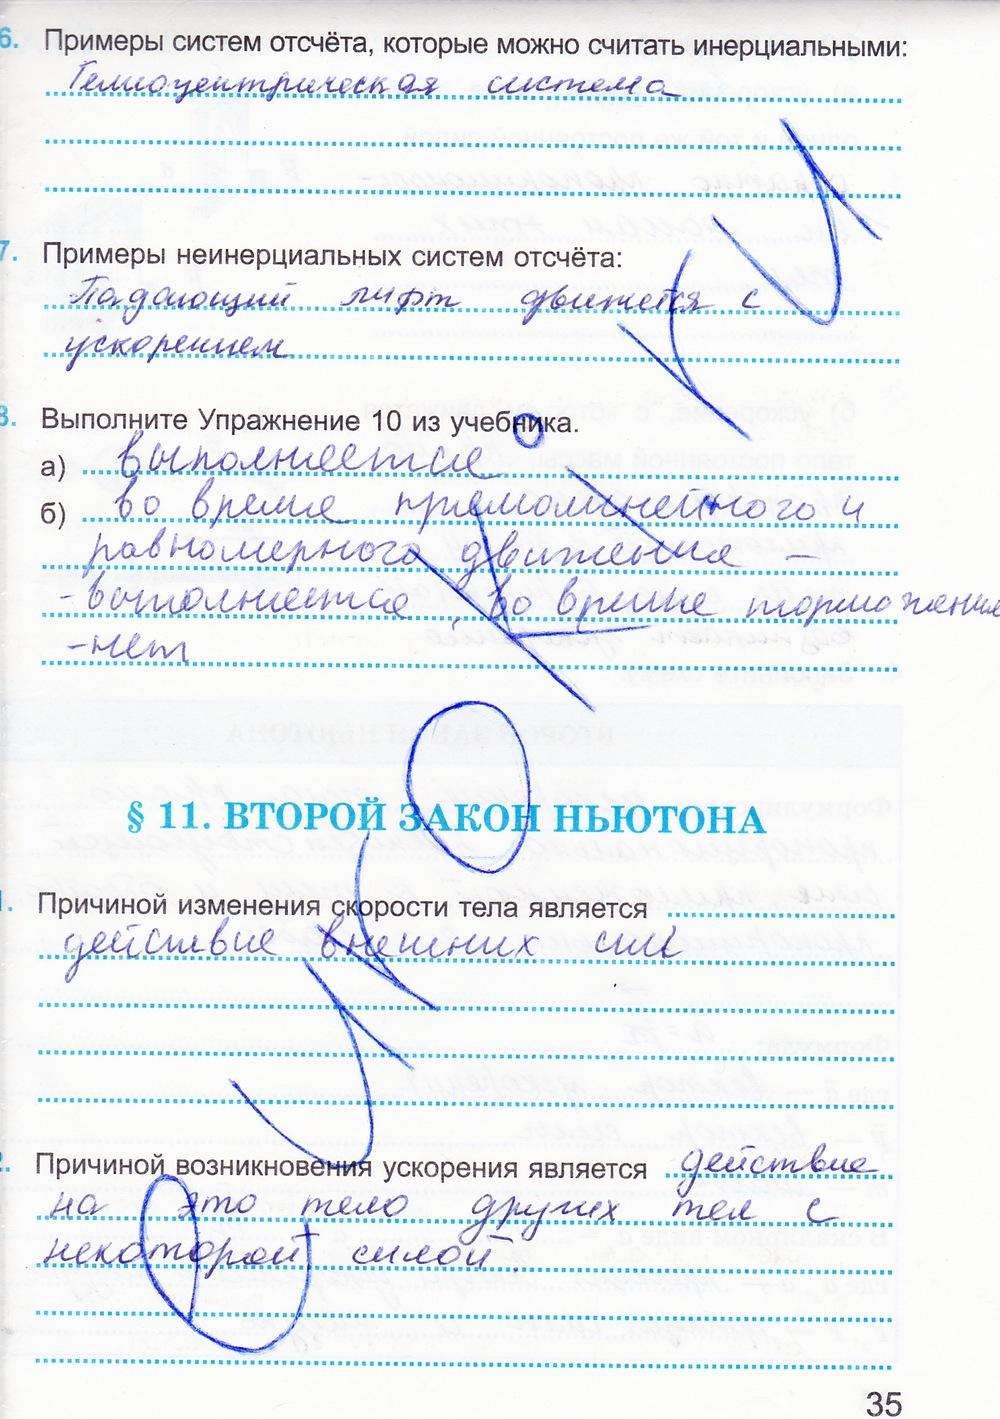 гдз по физике дмитриева